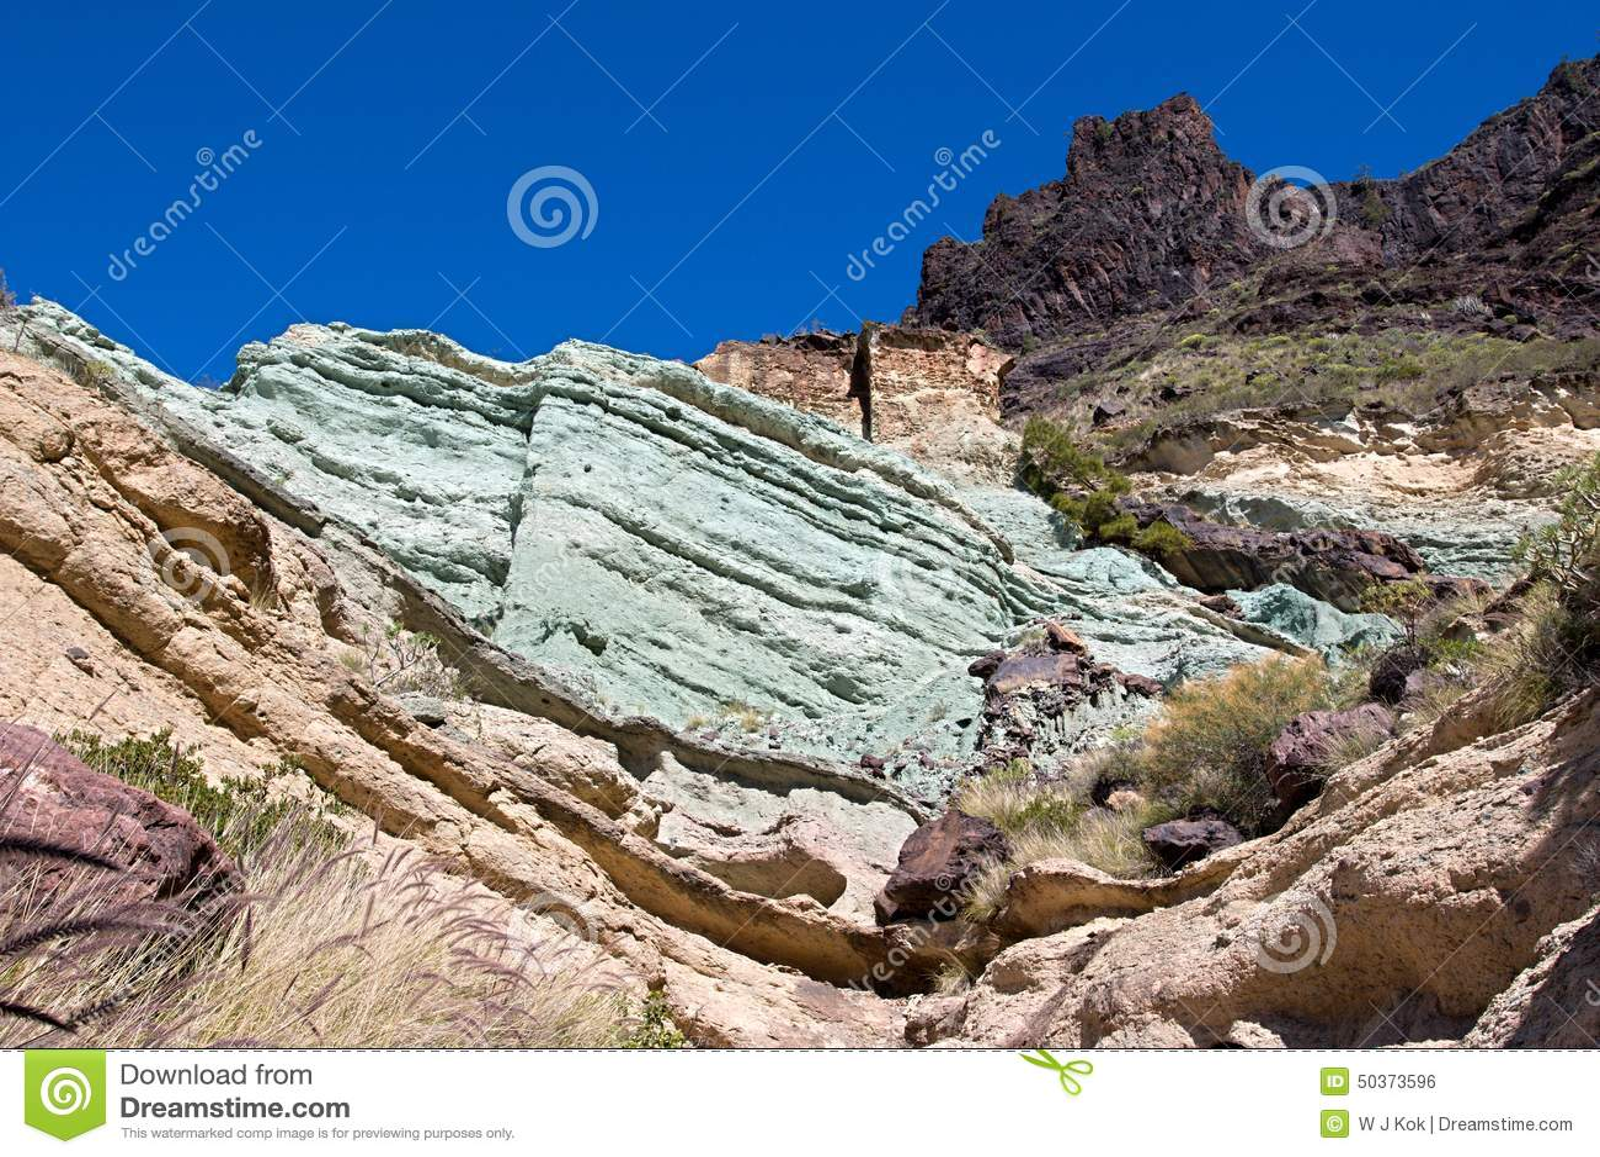 Fuente de los azulejos stock foto afbeelding bestaande for Fuente de los azulejos